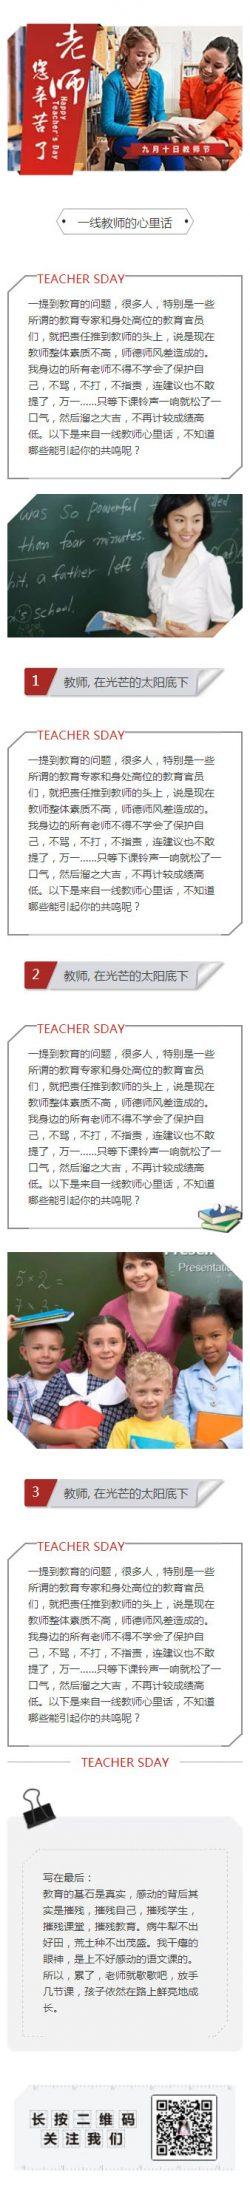 教育党政教师节素材模板